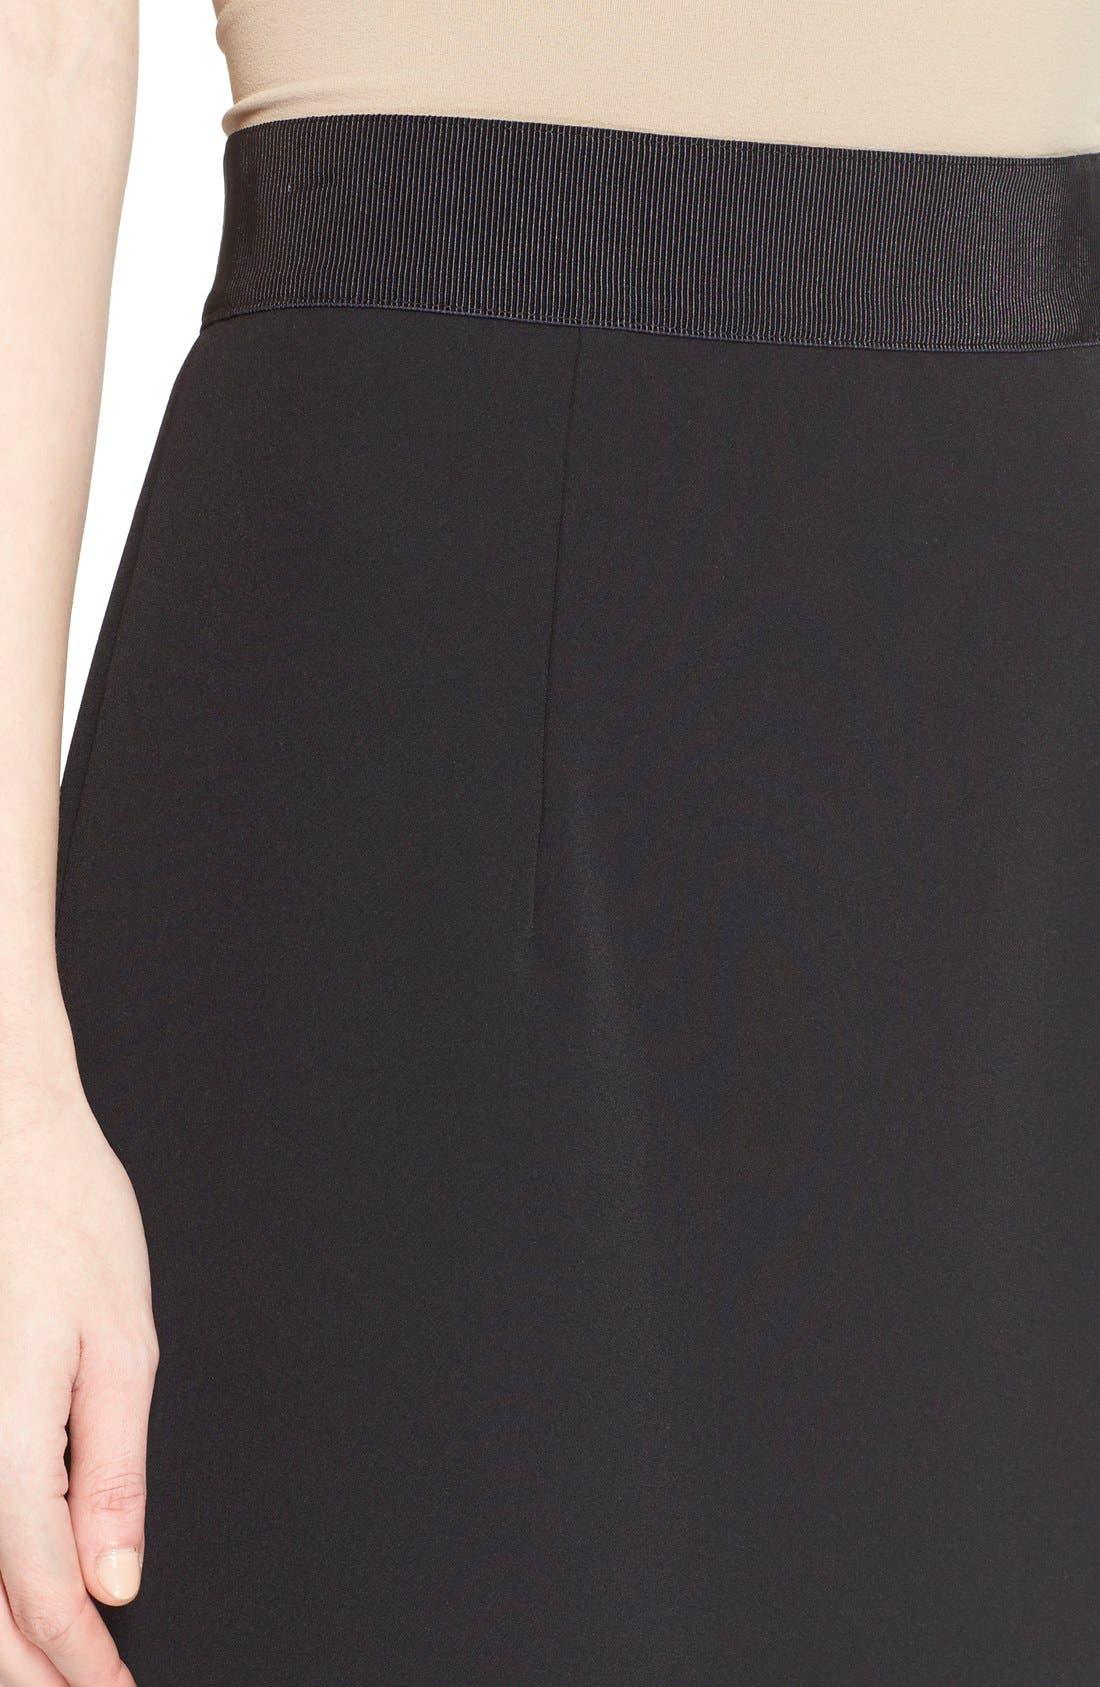 Italian Cady Pencil Skirt,                             Alternate thumbnail 3, color,                             001